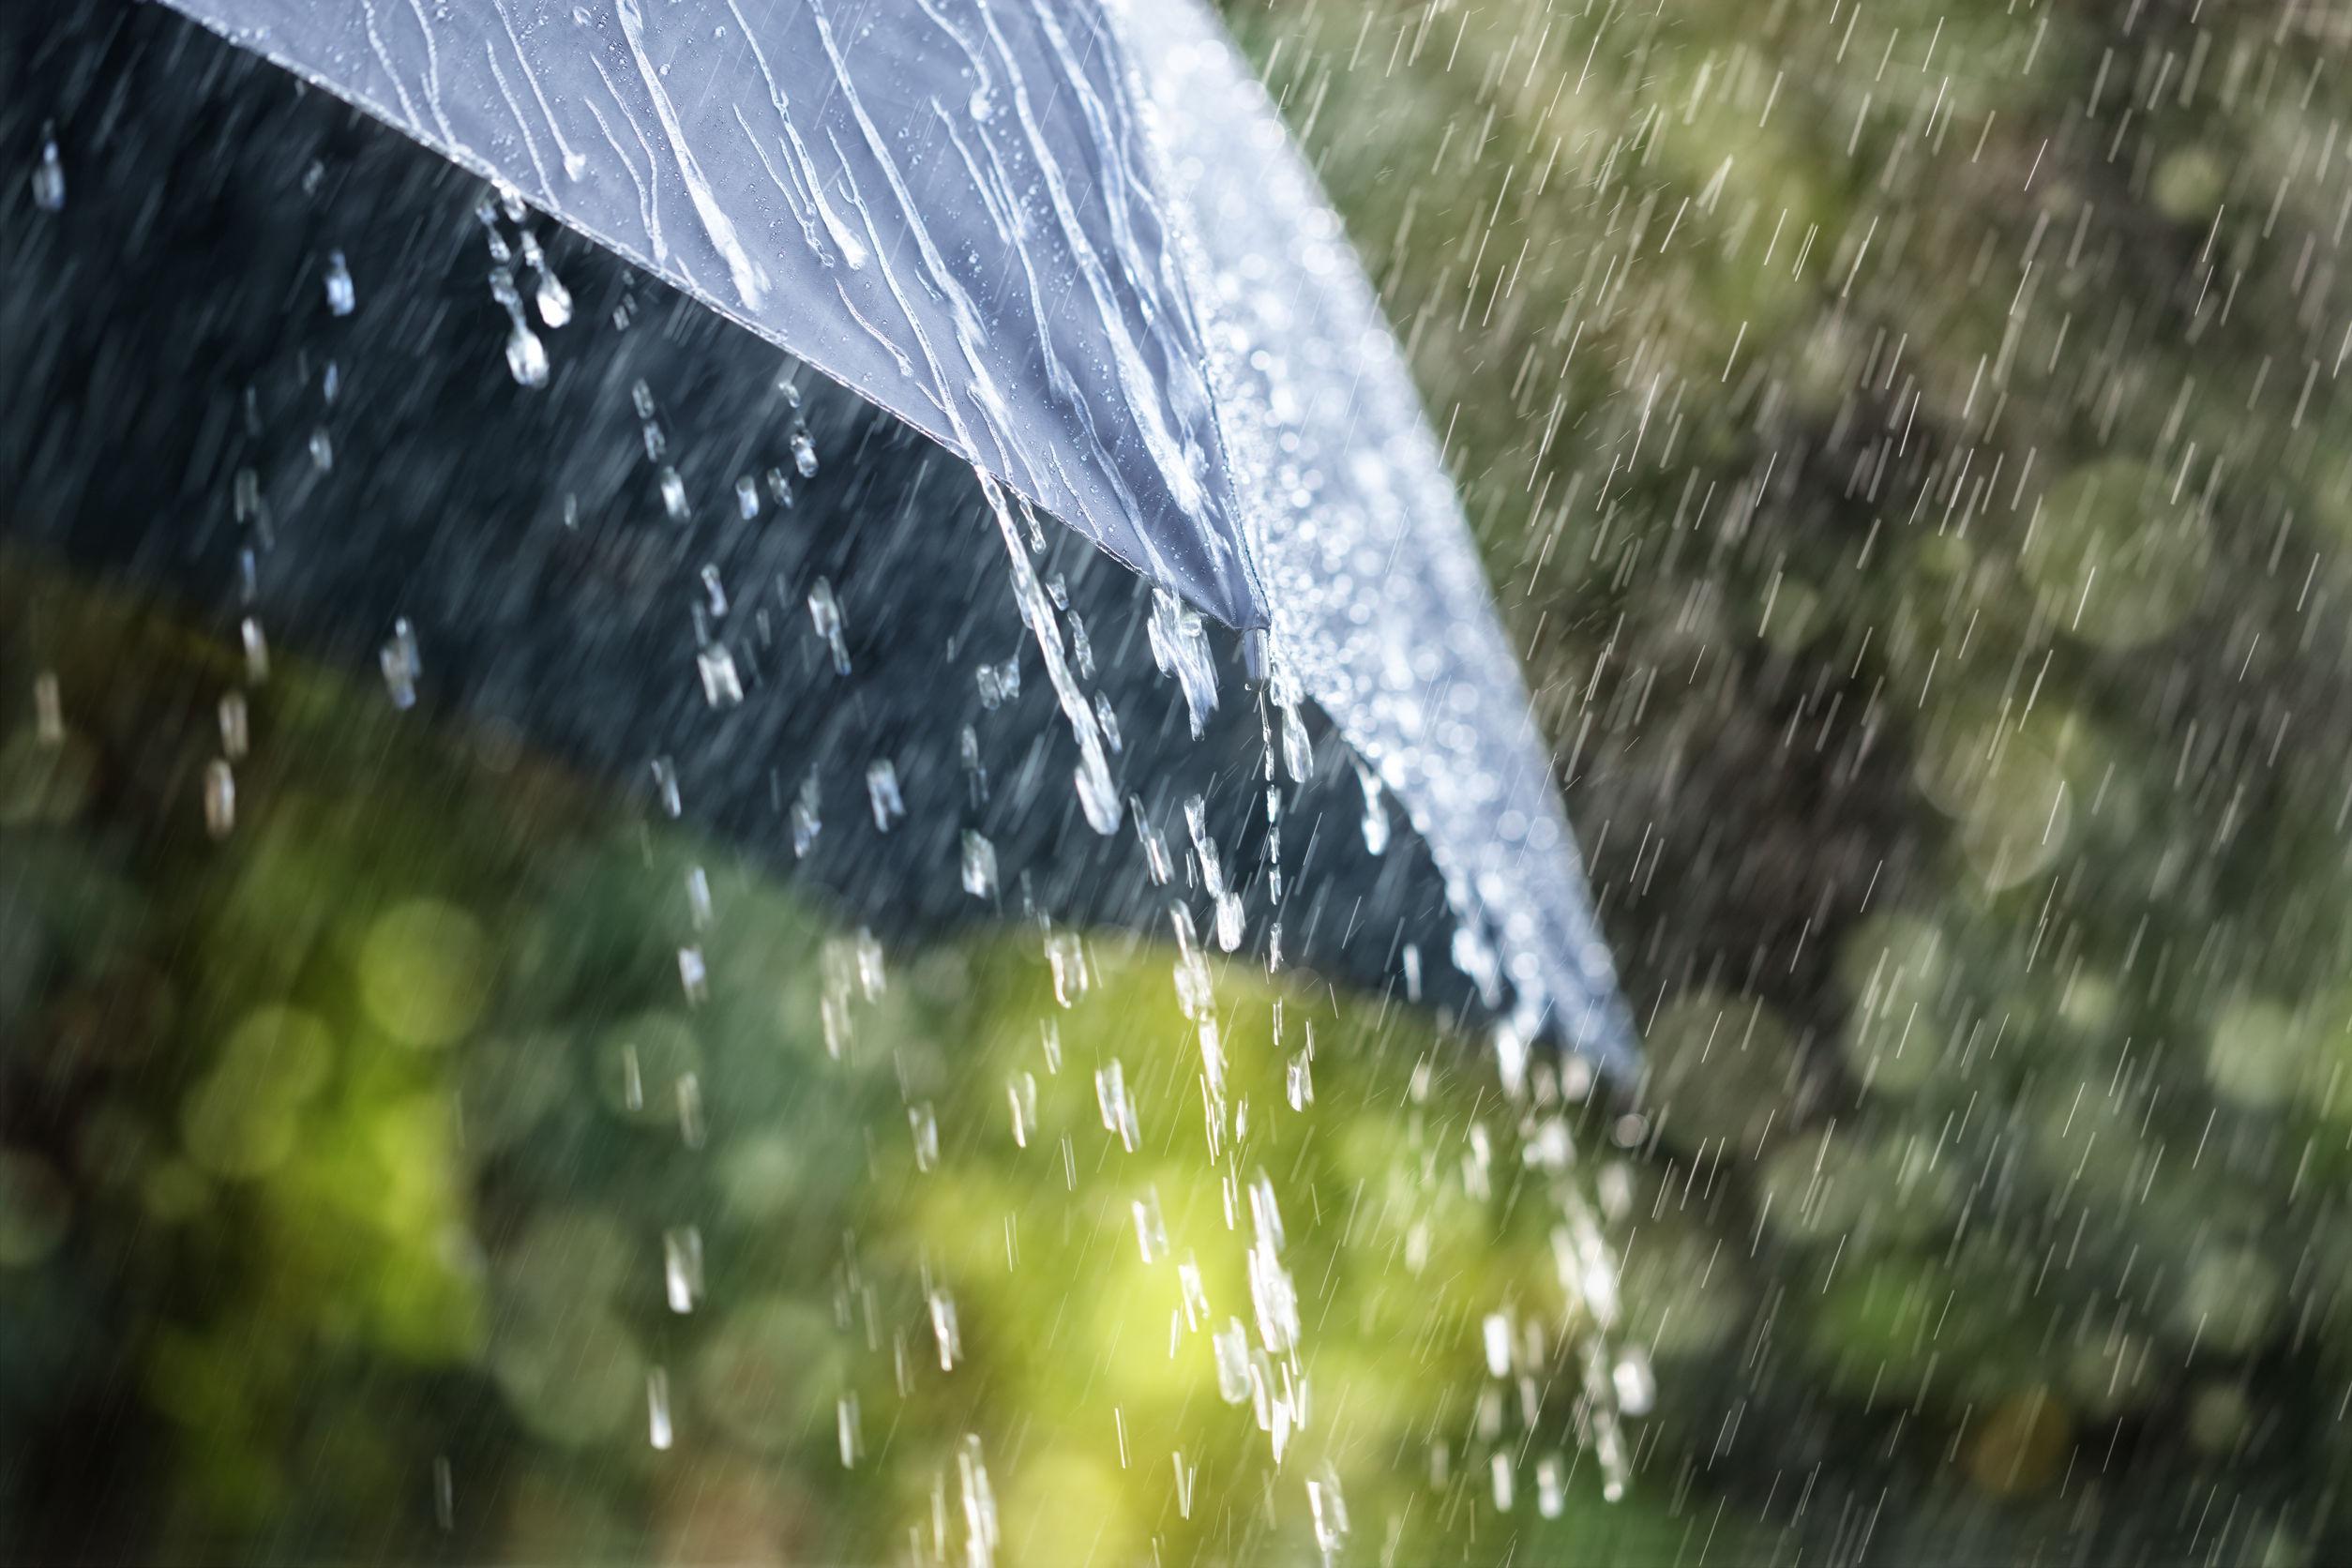 METEO #azi 10 septembrie 2019: Vremea rămâne în continuare caldă/ Ploi şi descărcări electrice în anumite regiuni